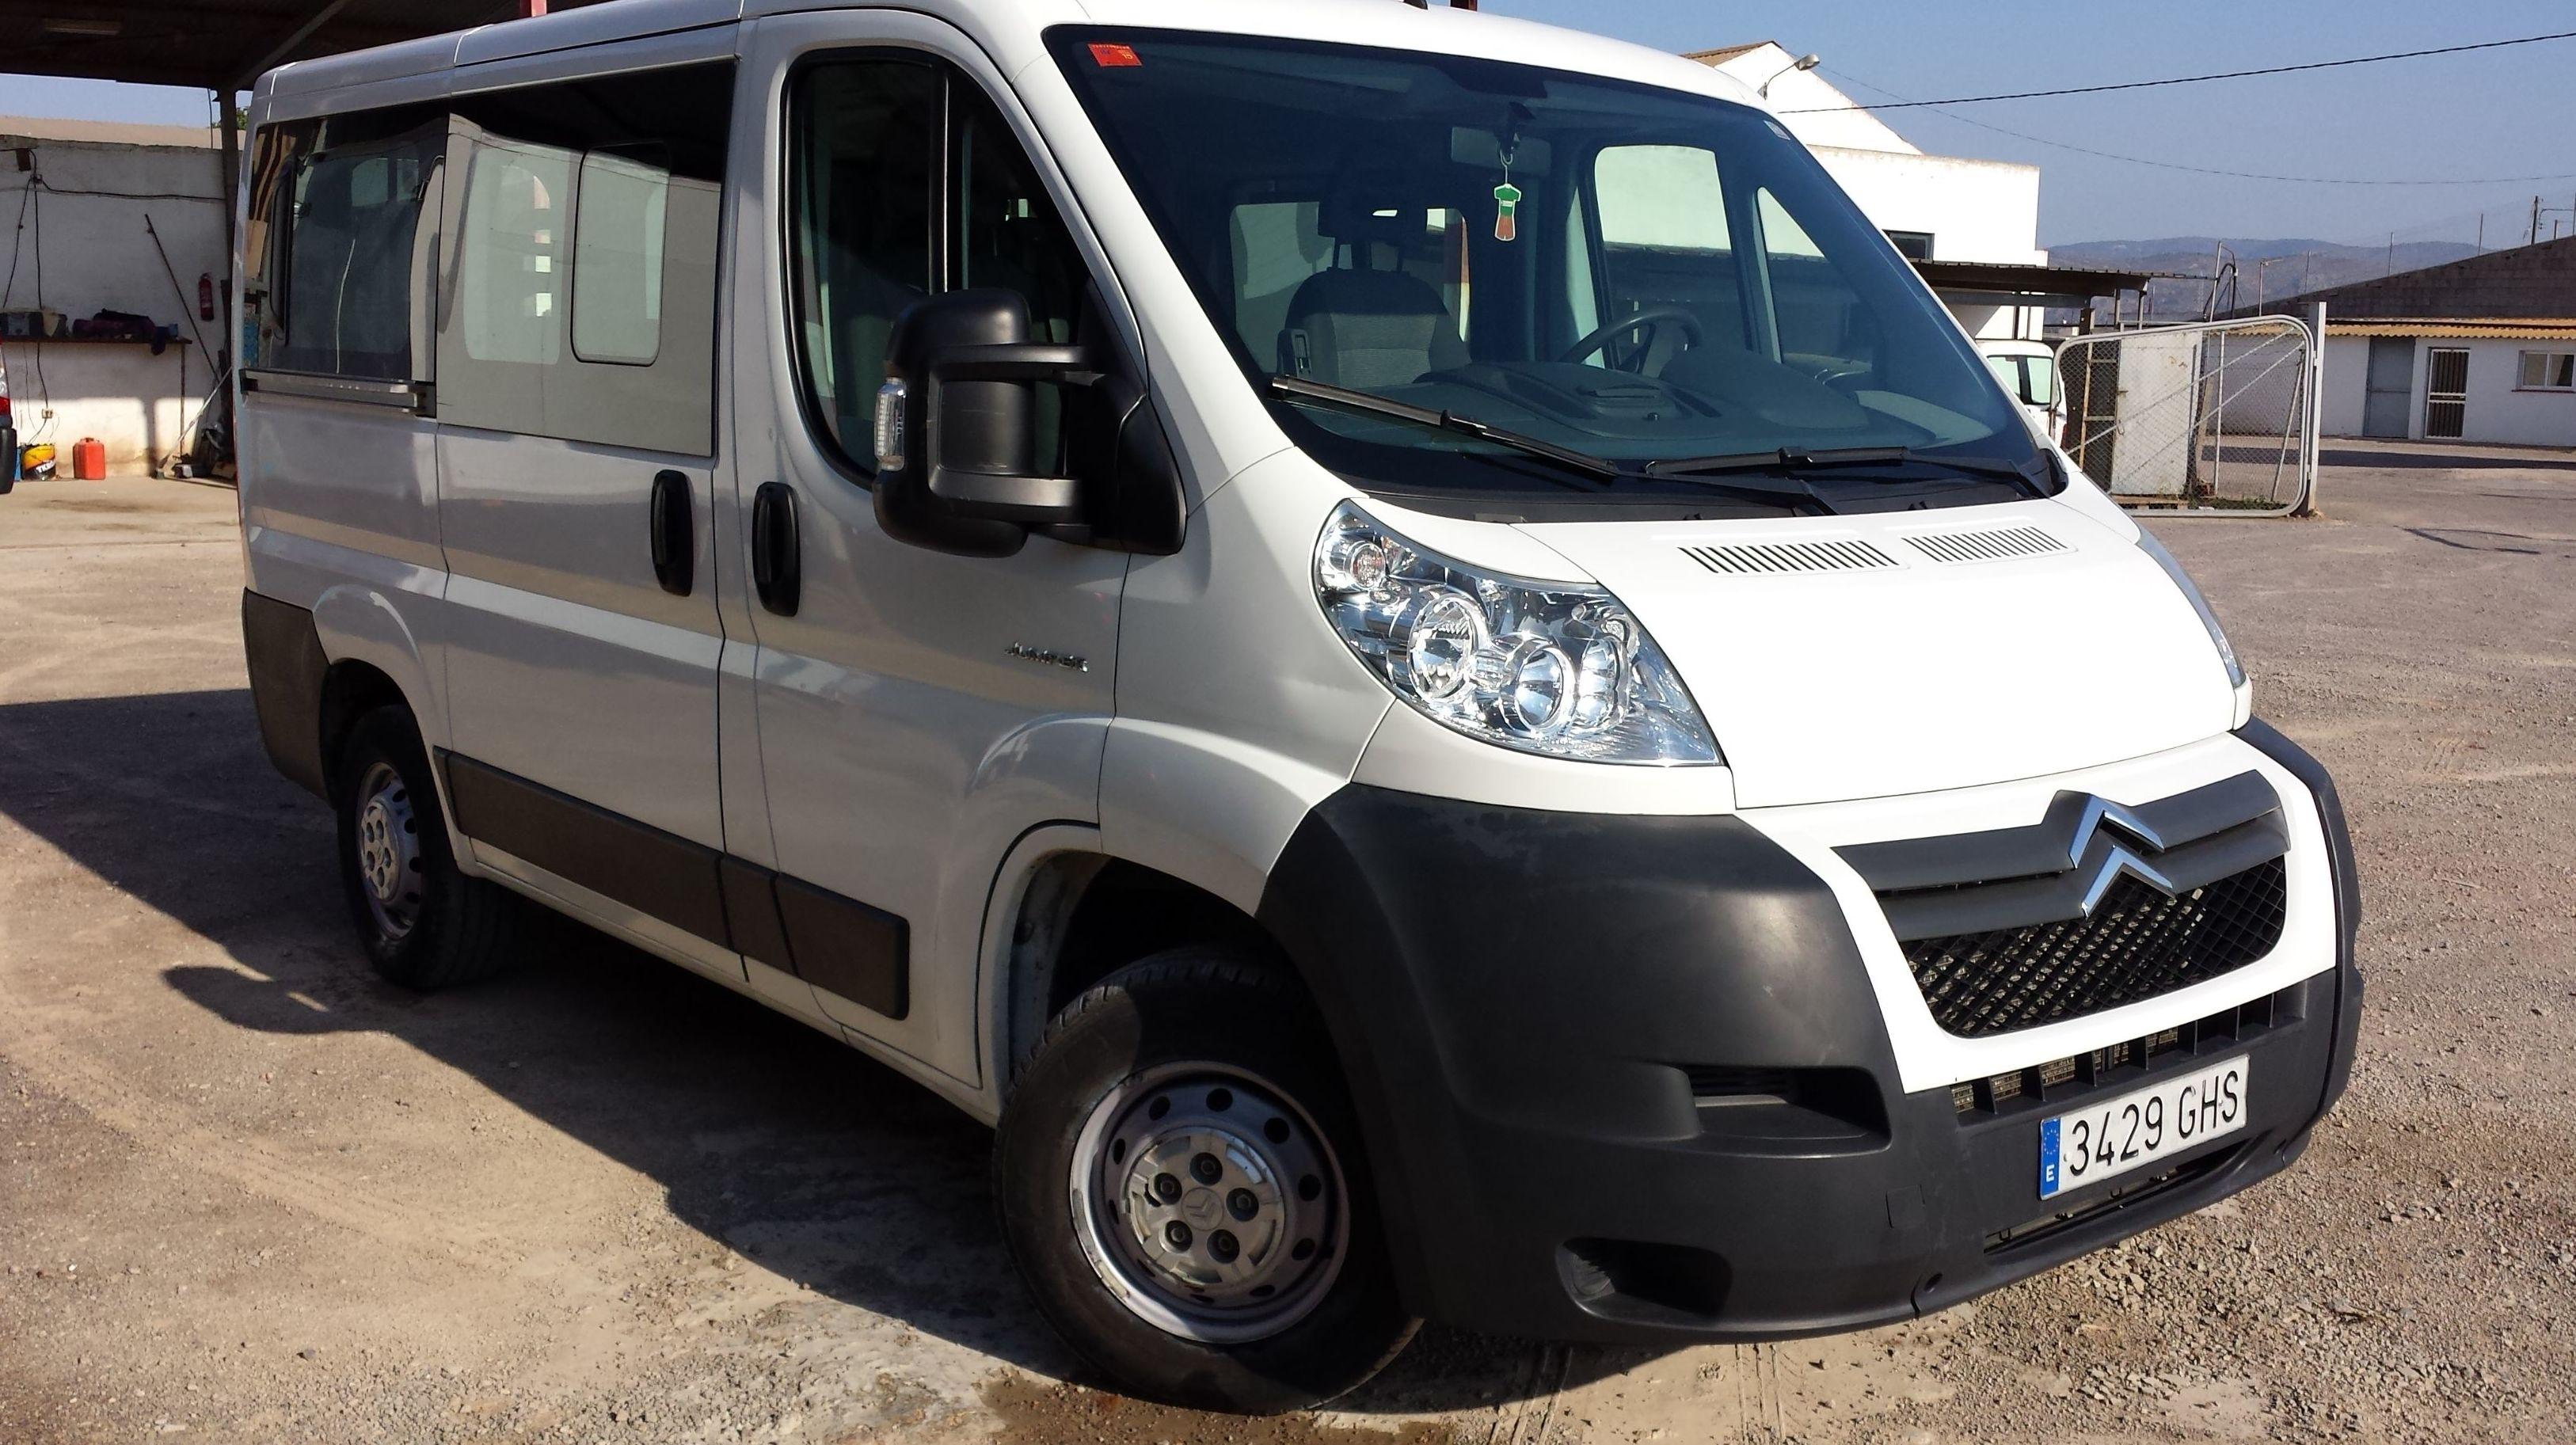 Foto 23 de Alquiler de coches y furgonetas en Castellón de la Plana | MUDALCAR     rent a car